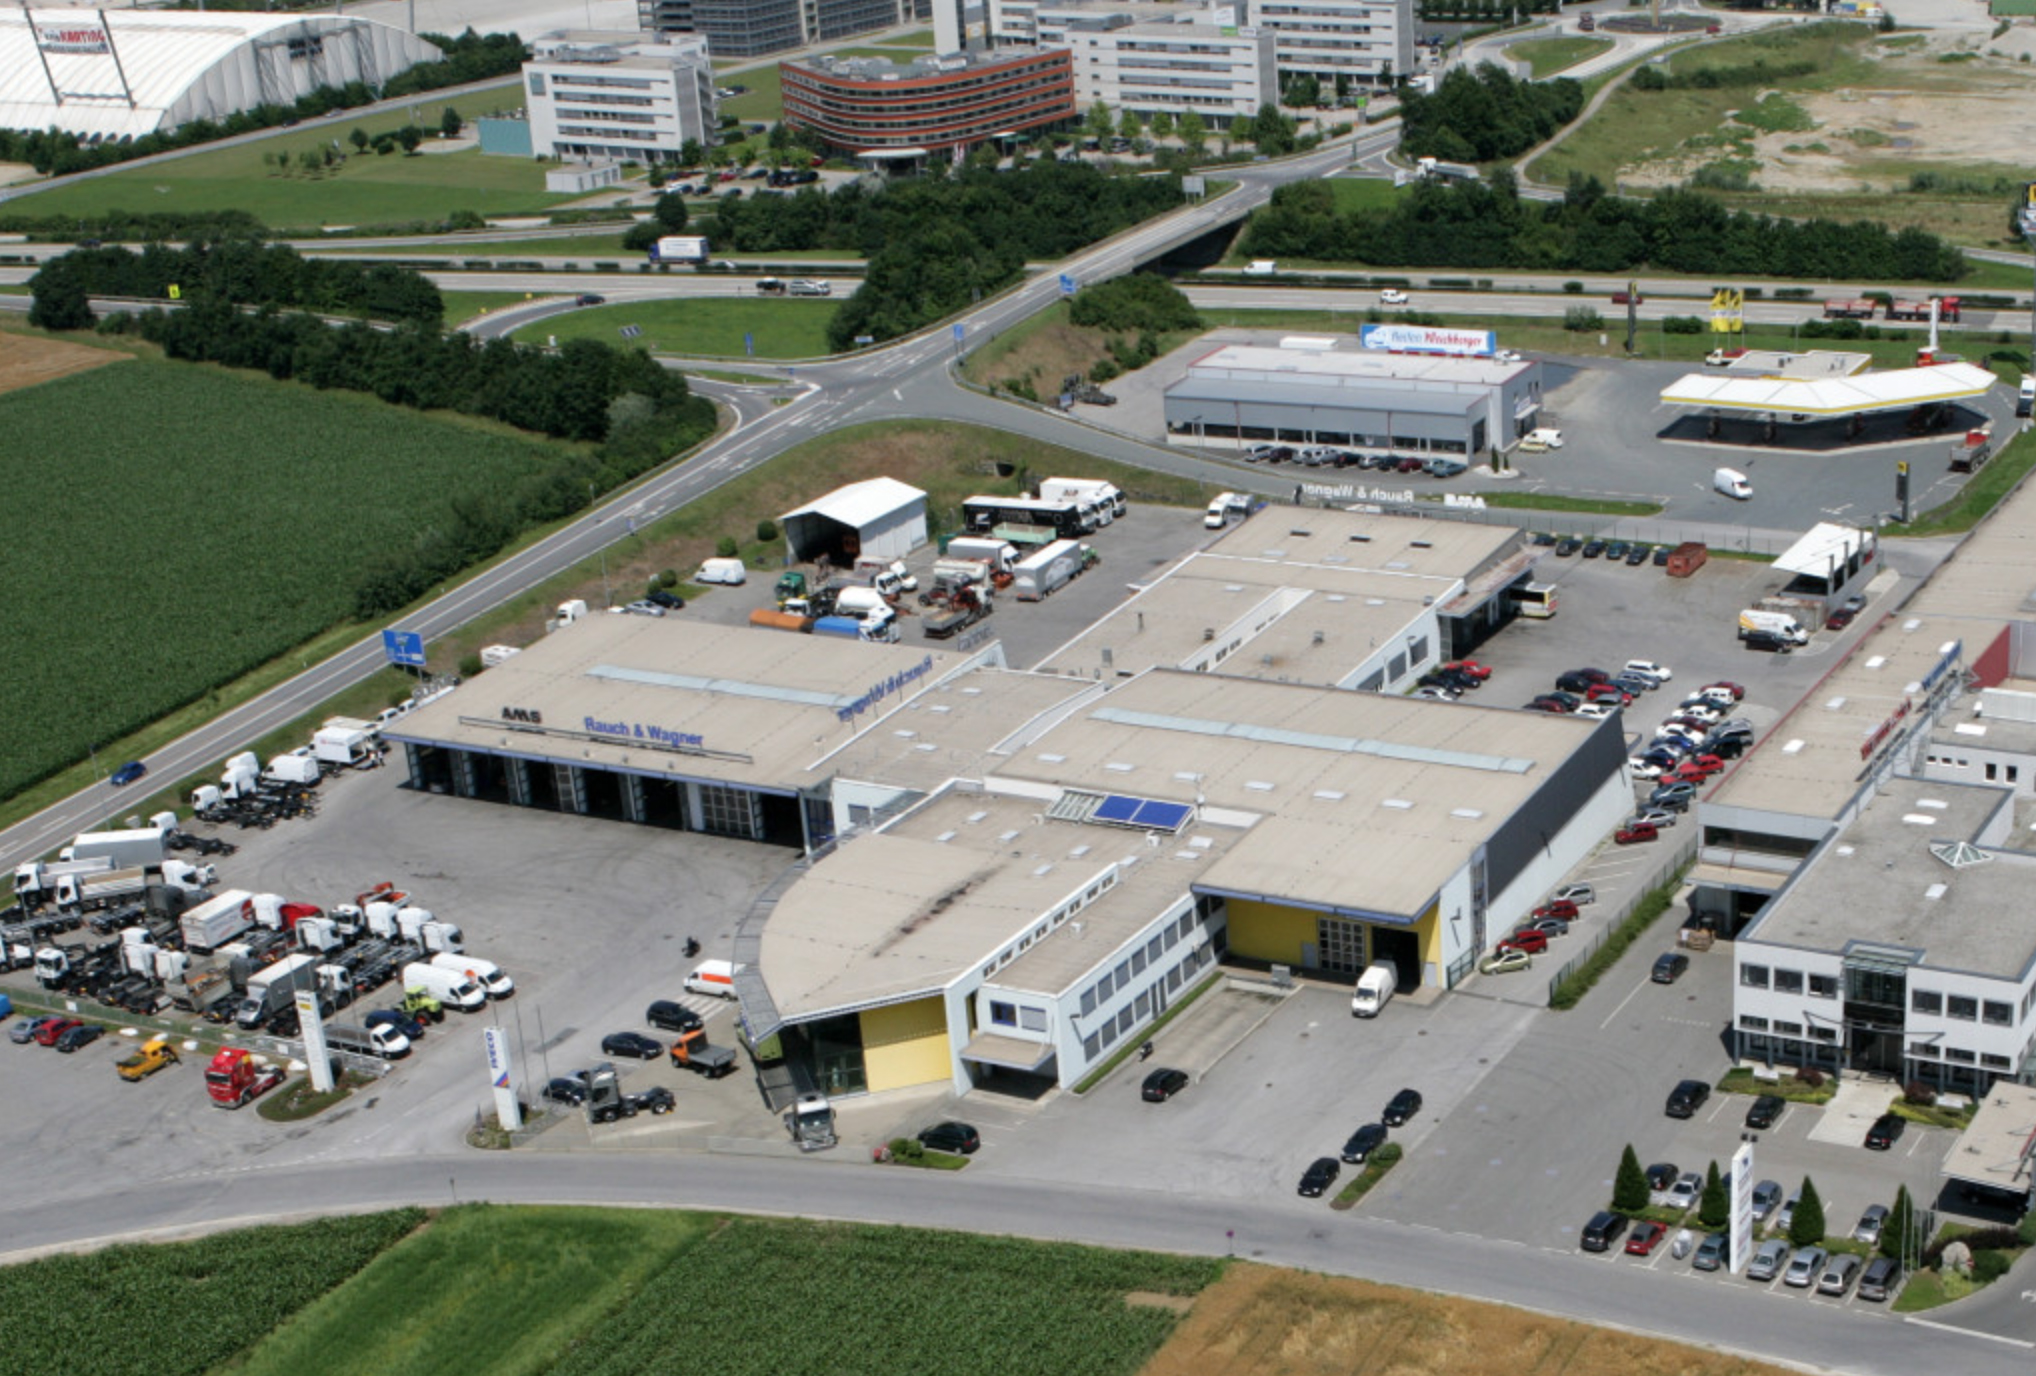 Straschek GmbH